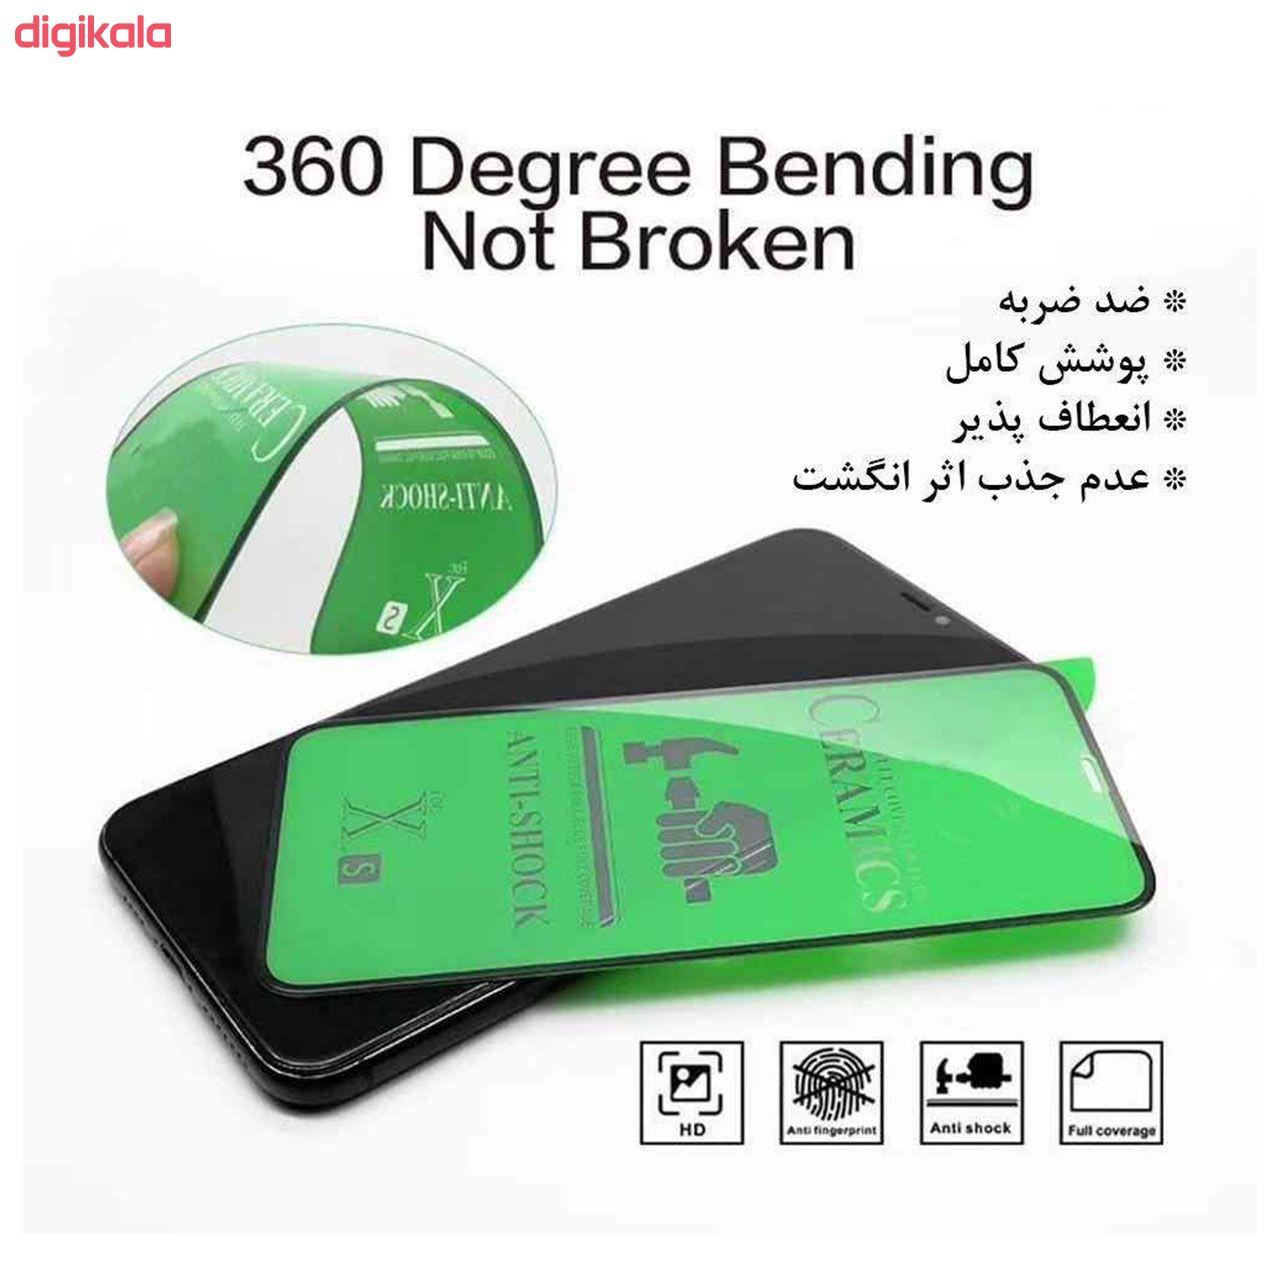 محافظ صفحه نمایش شیپ مدل shcrm-01 مناسب برای گوشی موبایل اپل Iphone 6 Plus / 6s Plus main 1 3